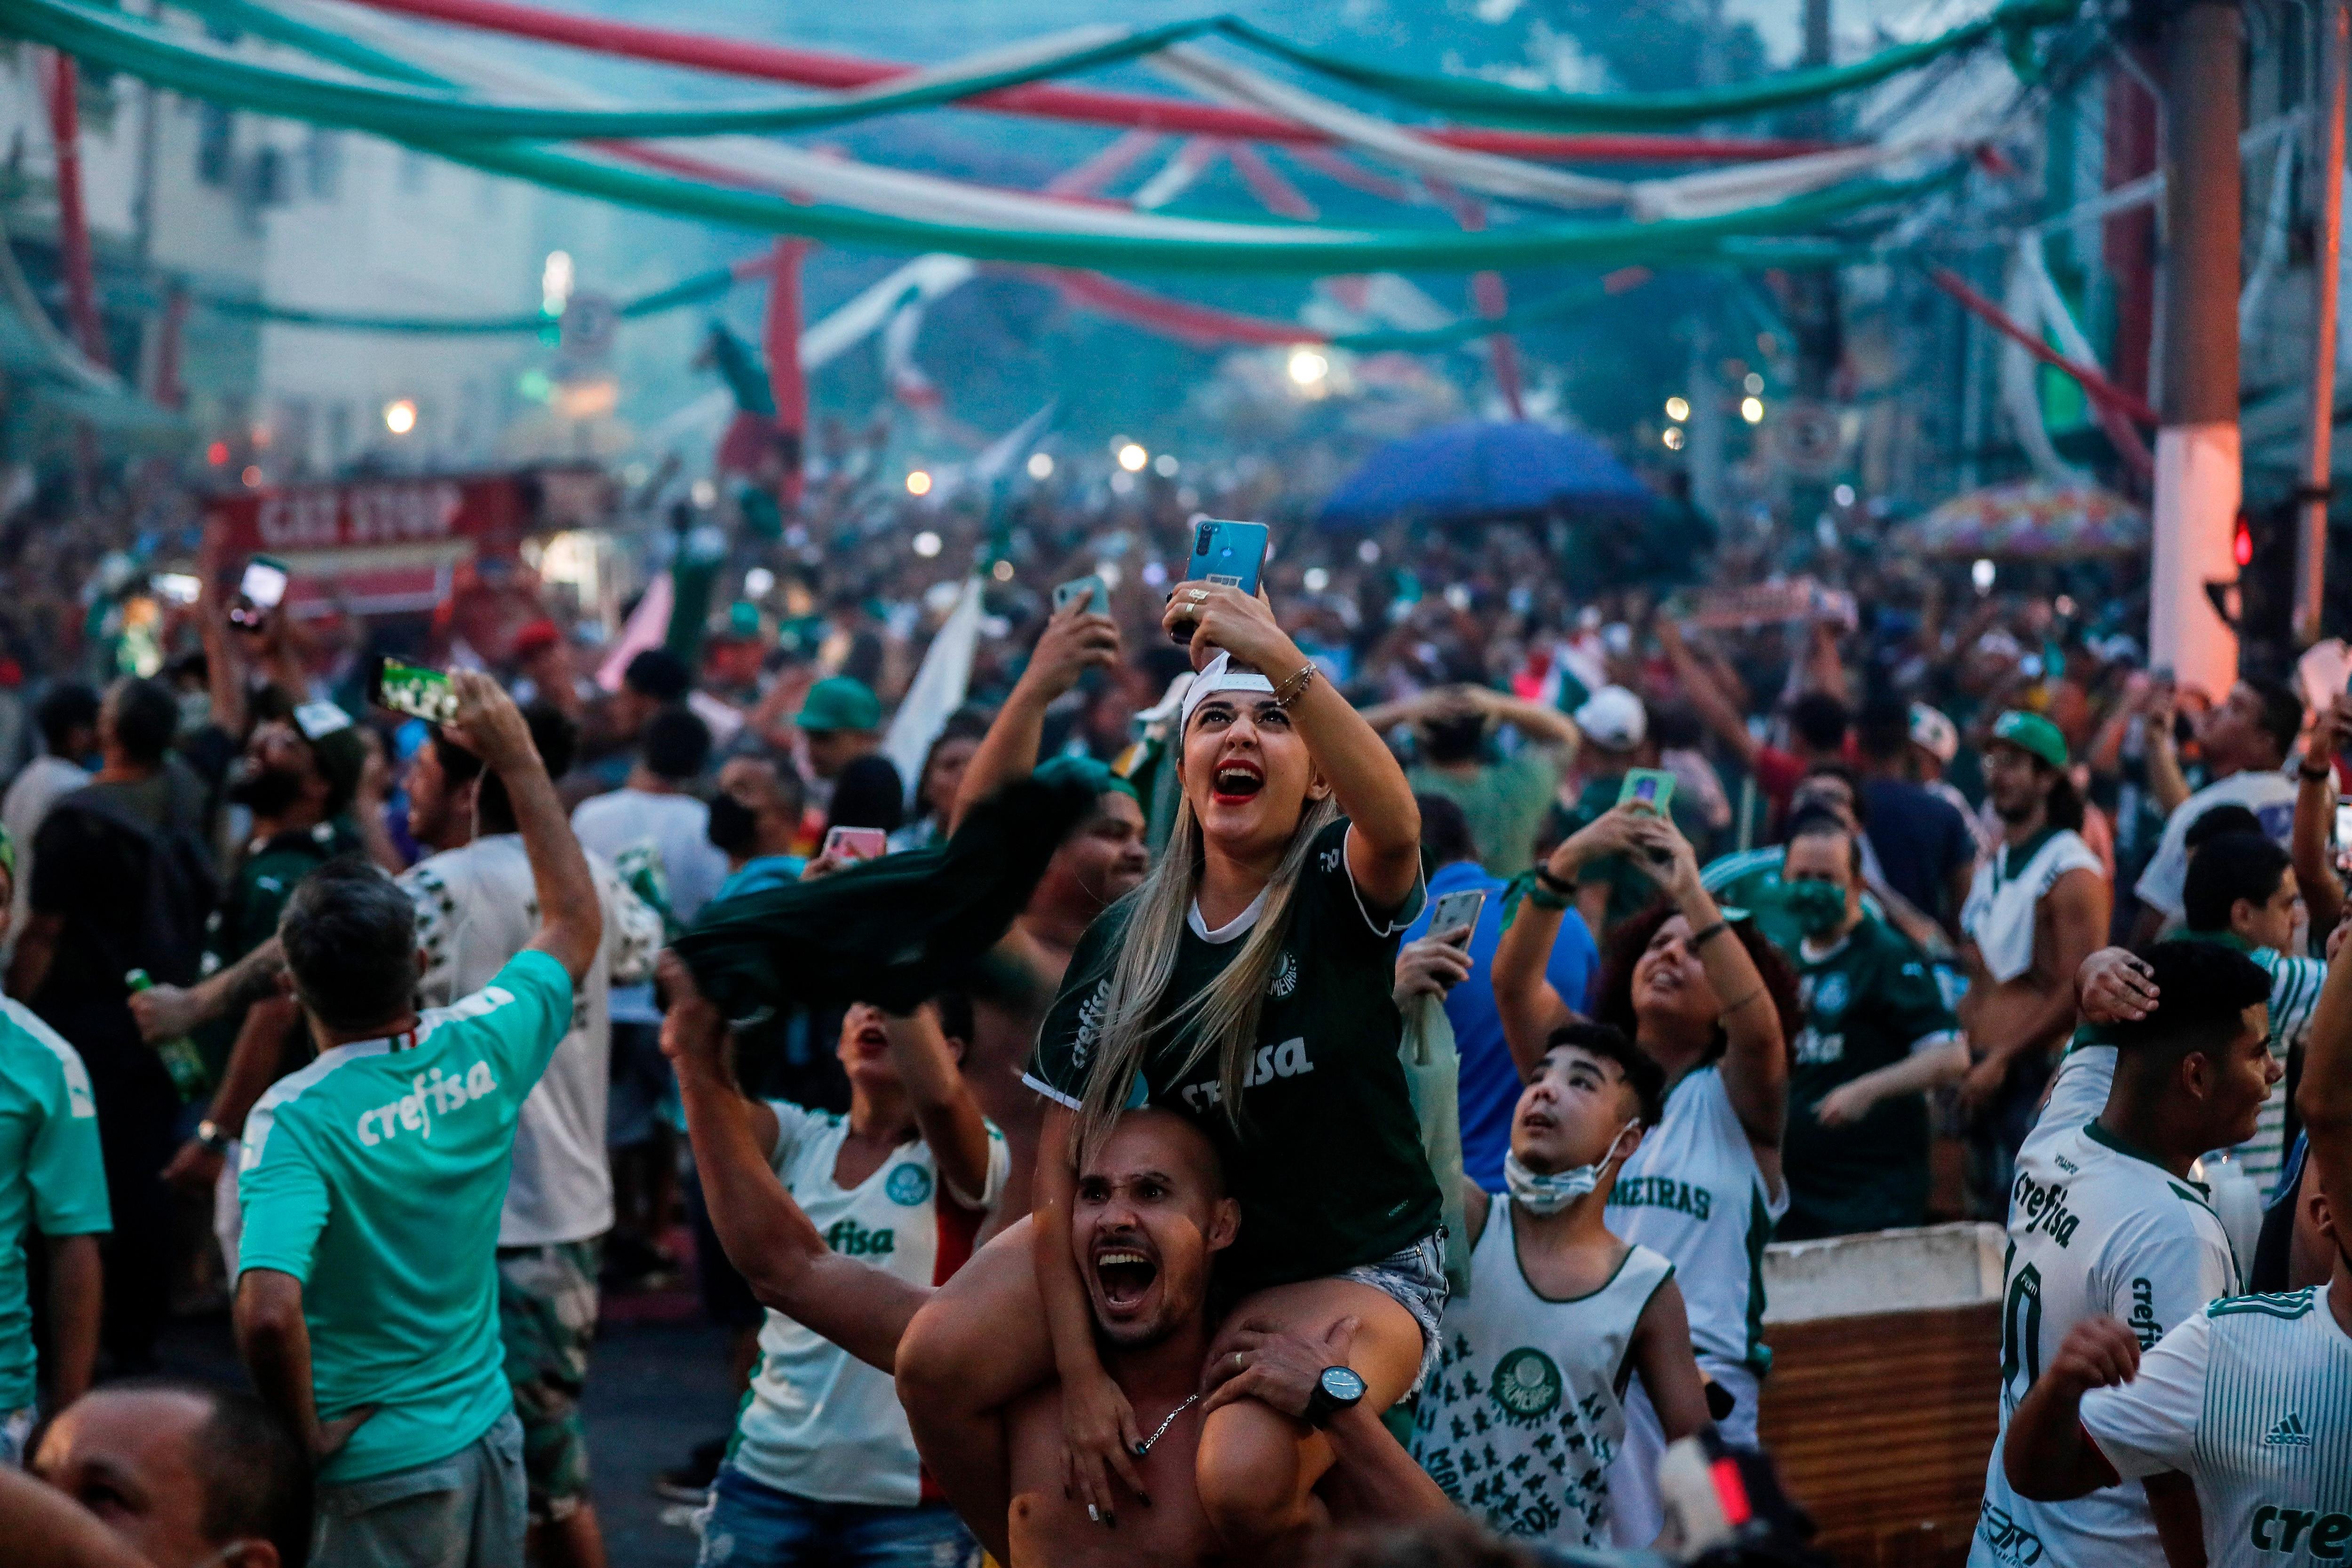 Seguidores del Palmeiras celebran la conquista de la Copa Libertadores, la segunda en la historia de su equipo, hoy, cerca del estadio Allianz Parque, en Sao Paulo (Brasil). EFE/Sebastiao Moreira